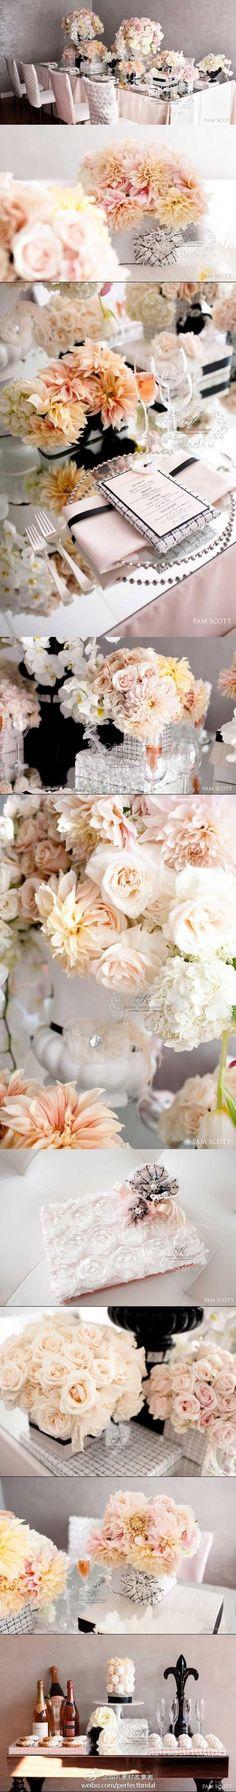 灵感来源于香奈儿的婚礼餐桌布置细节~绝美裸色系~